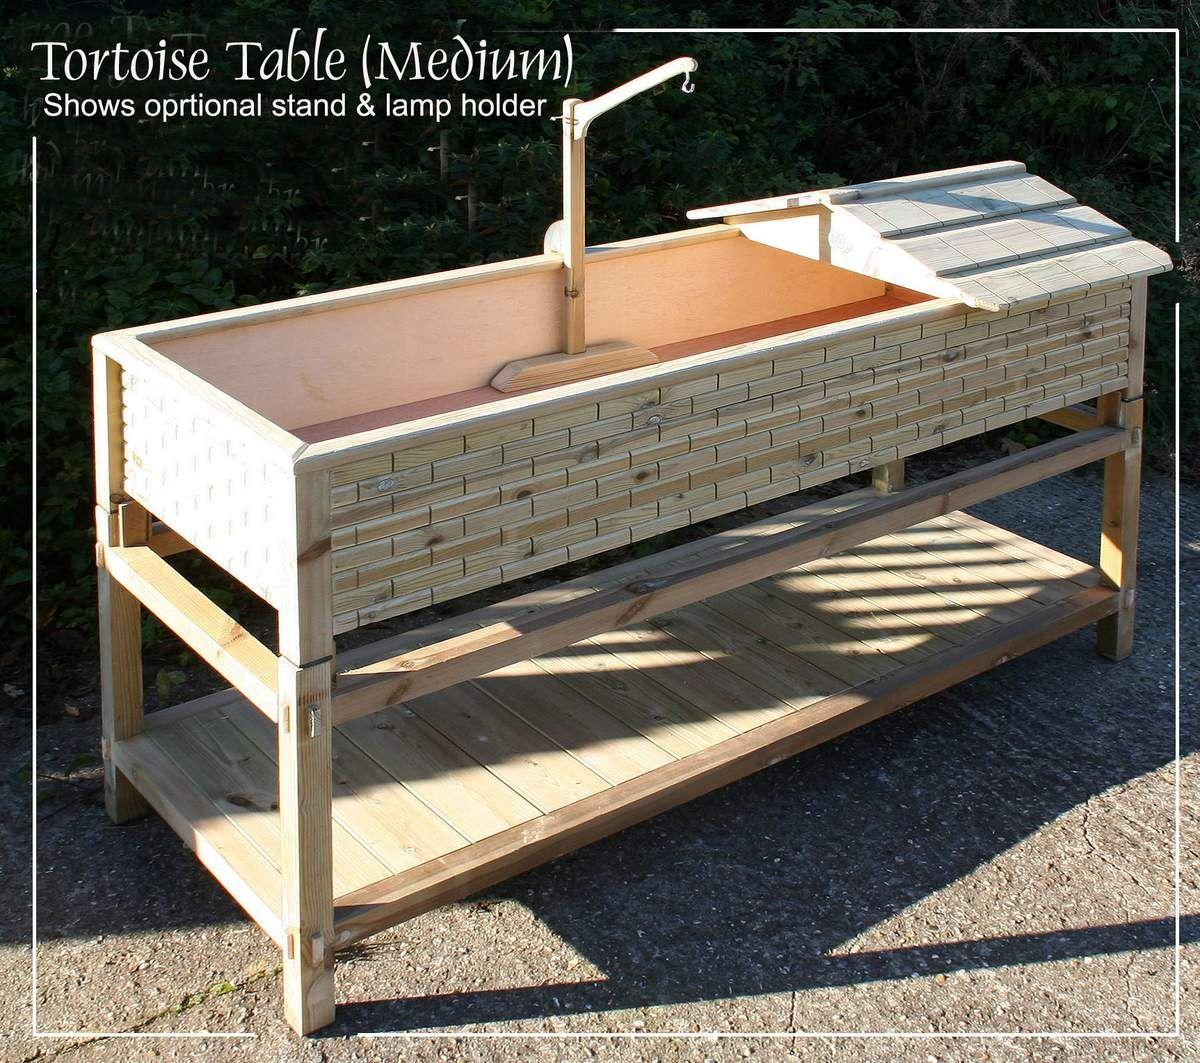 Large tortoise table tortoise table